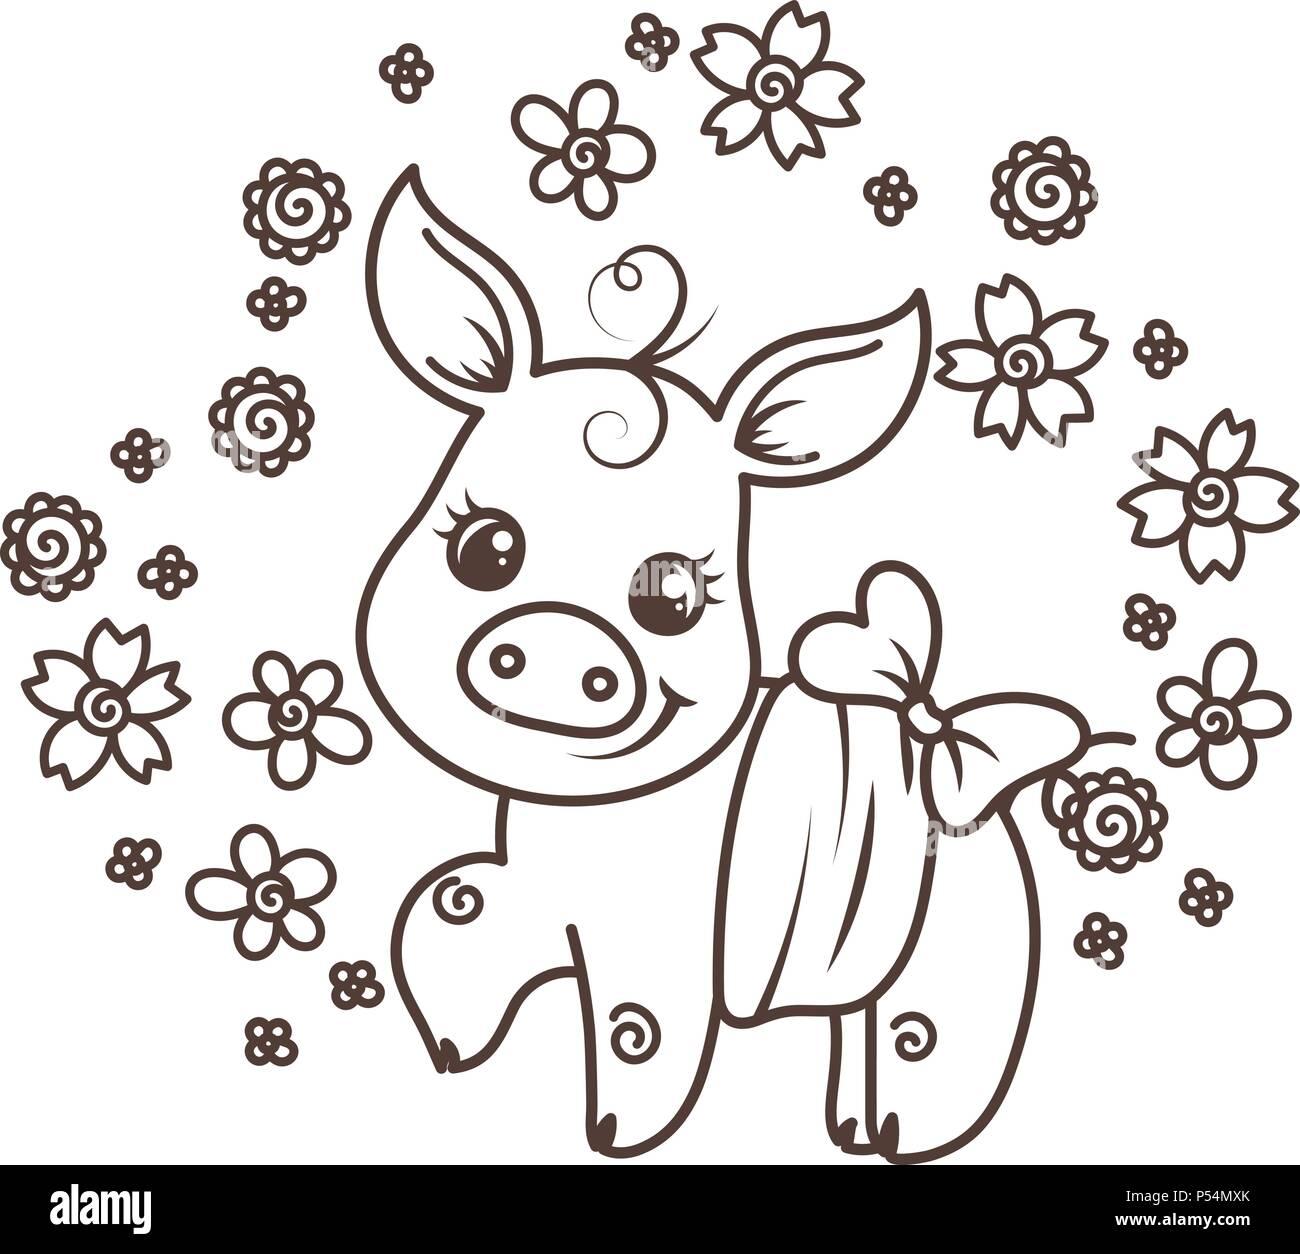 Coloriage Bebe Fleurs.C Est Une Fille C Est Un Garcon Cute Cartoon Bebe Cochons Sur Un